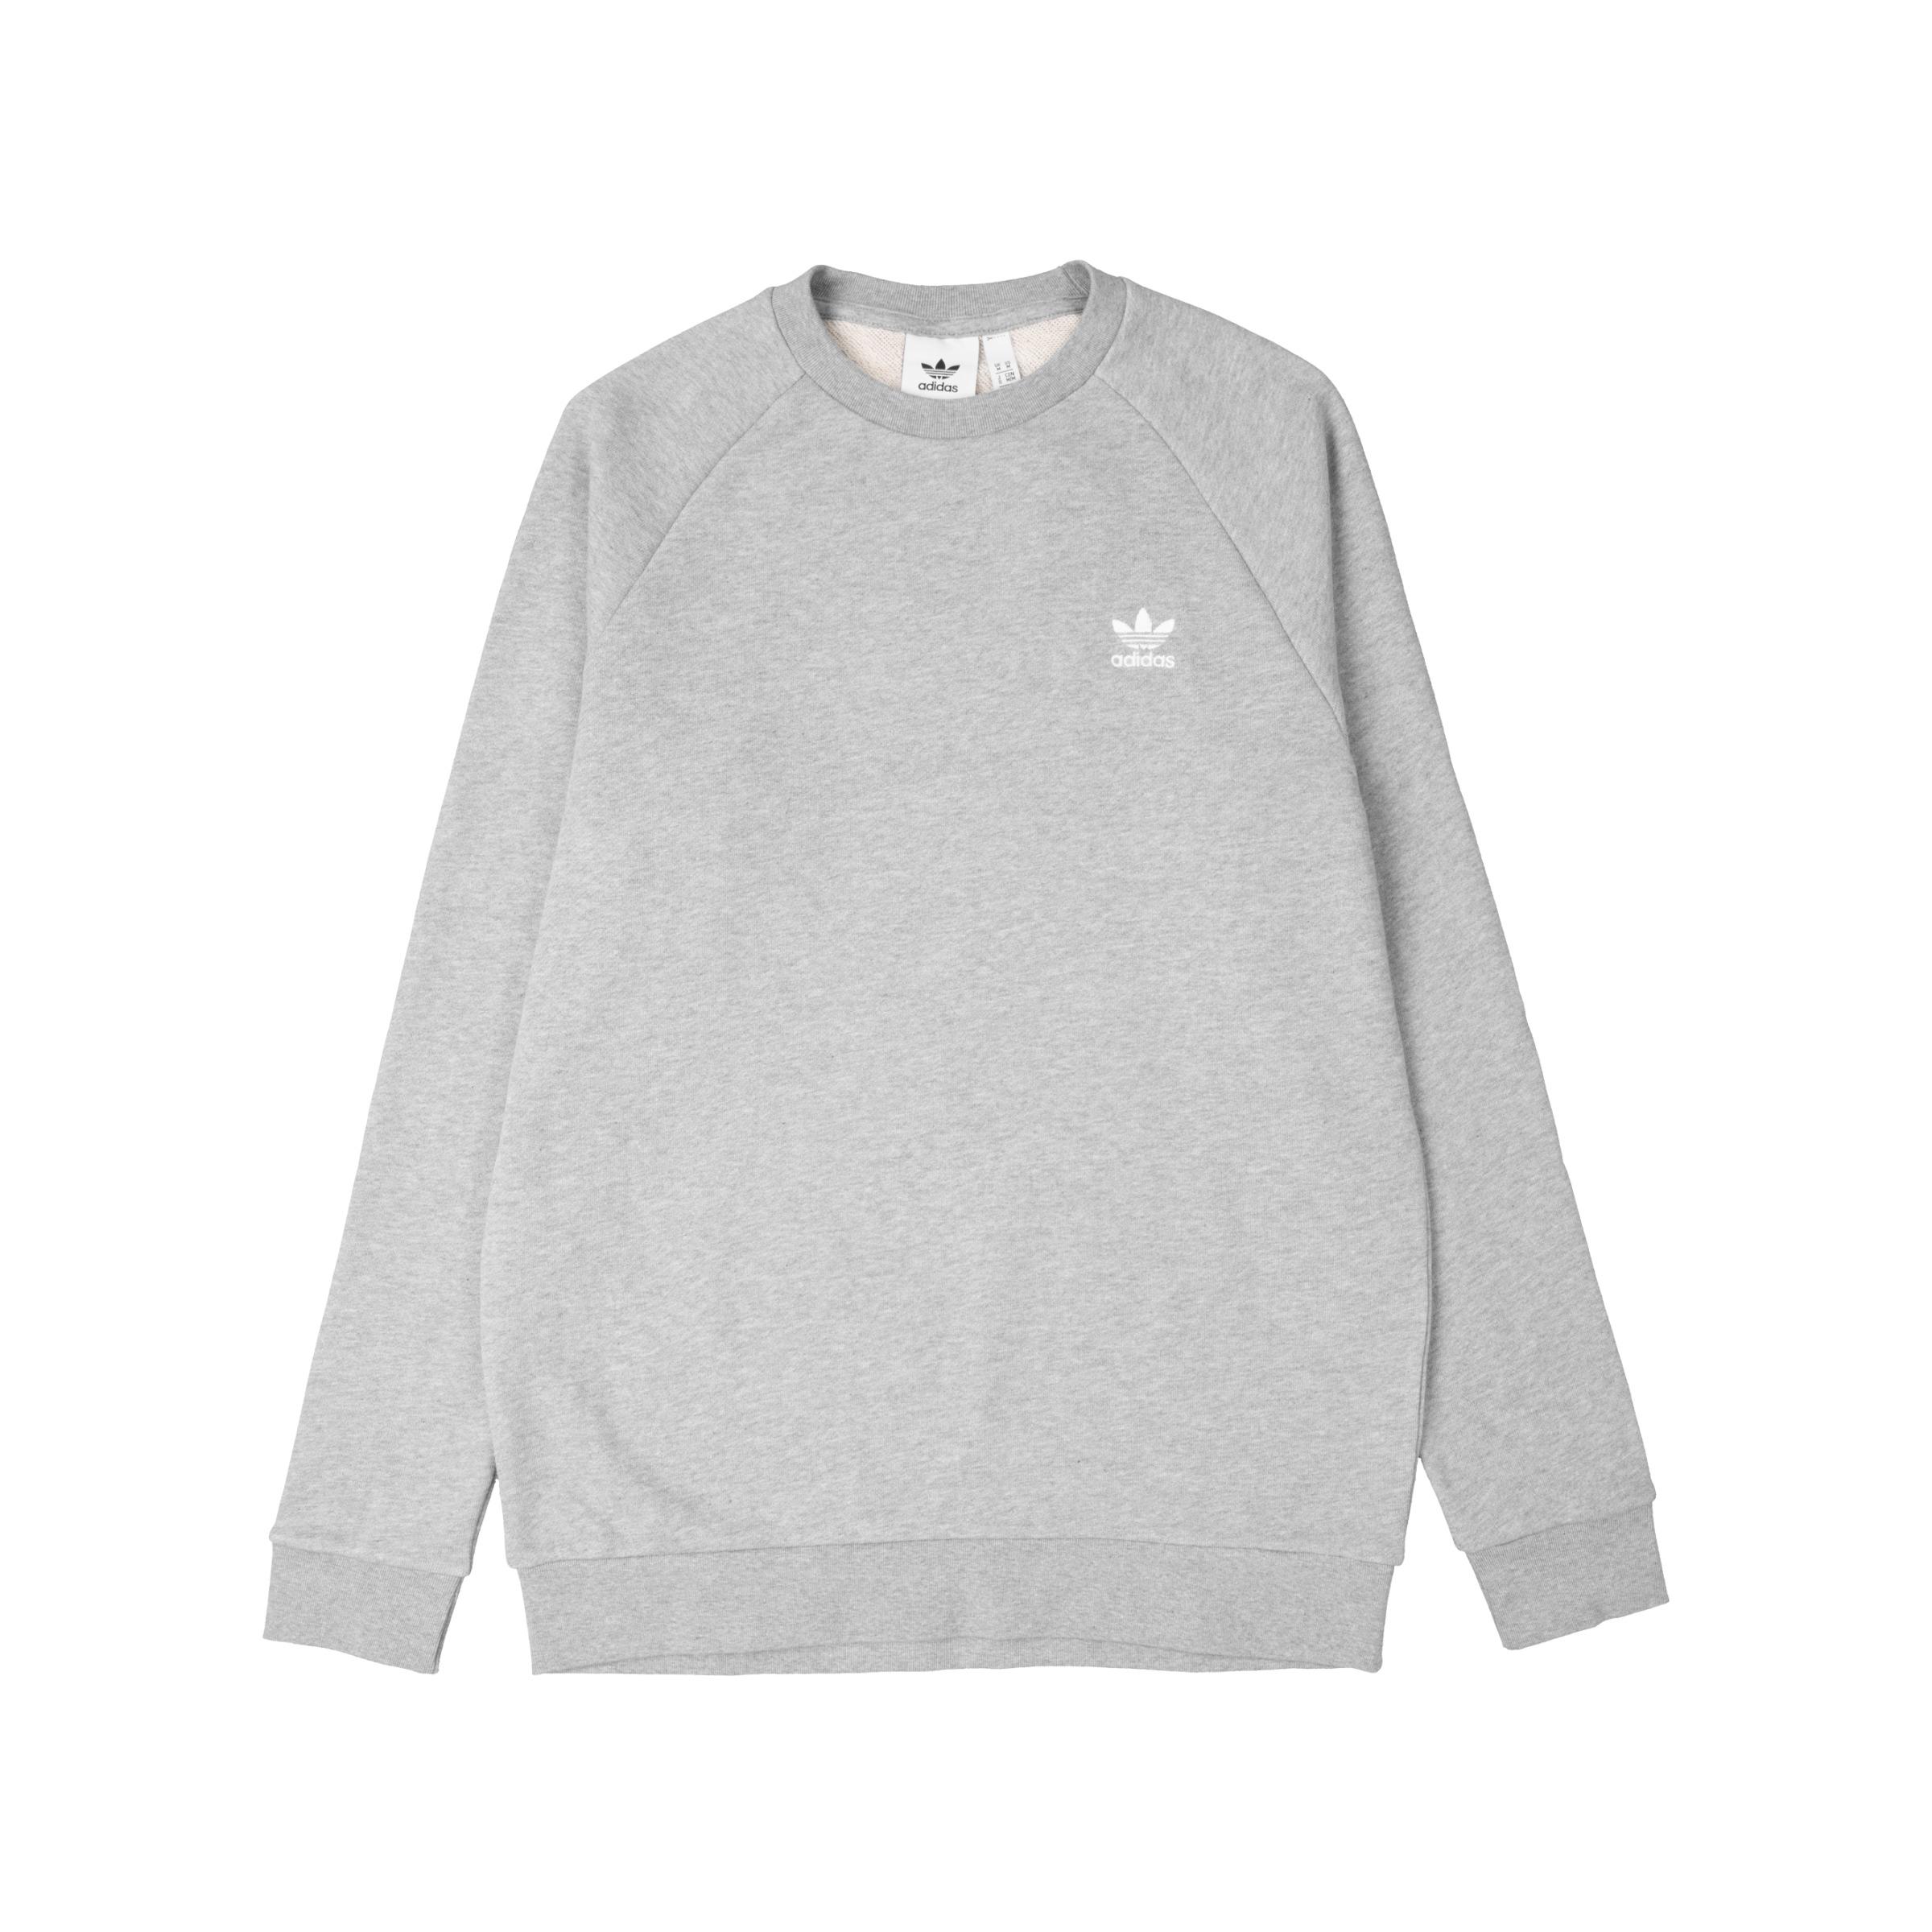 Adidas Originals Essential Crew Sweatshirt Grau Weniger Teuer